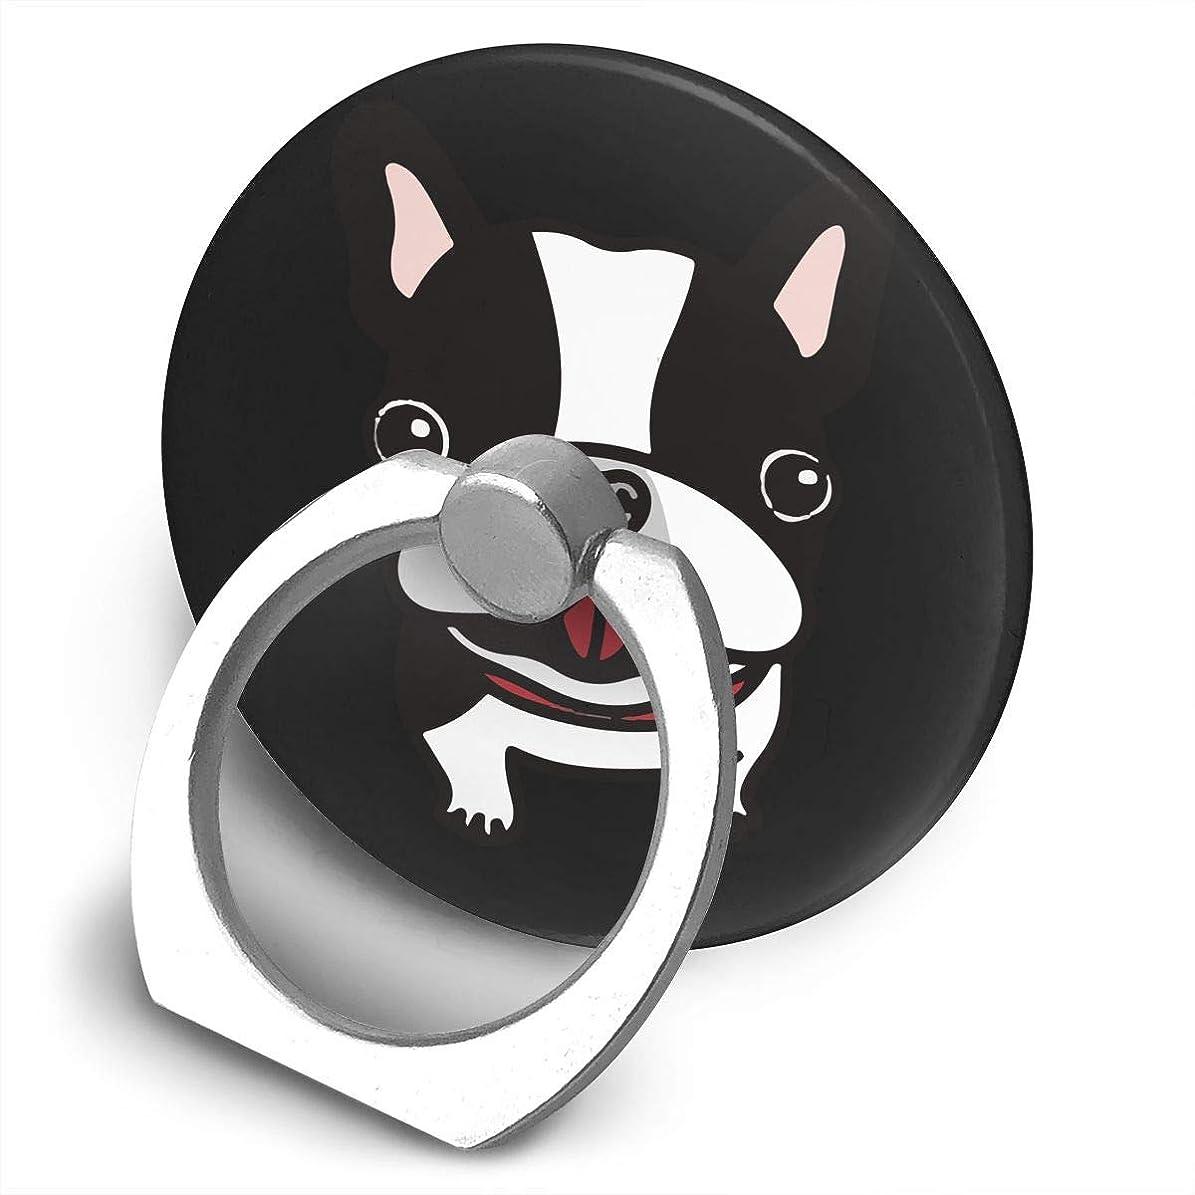 フェンス不規則性に負ける癒し系子犬 ボケ担当 ぽっちゃり 超萌えフレンチブルドッグ!ご主人様どこ? プリント スマホリング ホールド リング 丸型 指輪リング 薄型 おしゃれ 落下防止 360° ホルダー 強吸着力 IPhone/Android各種他対応